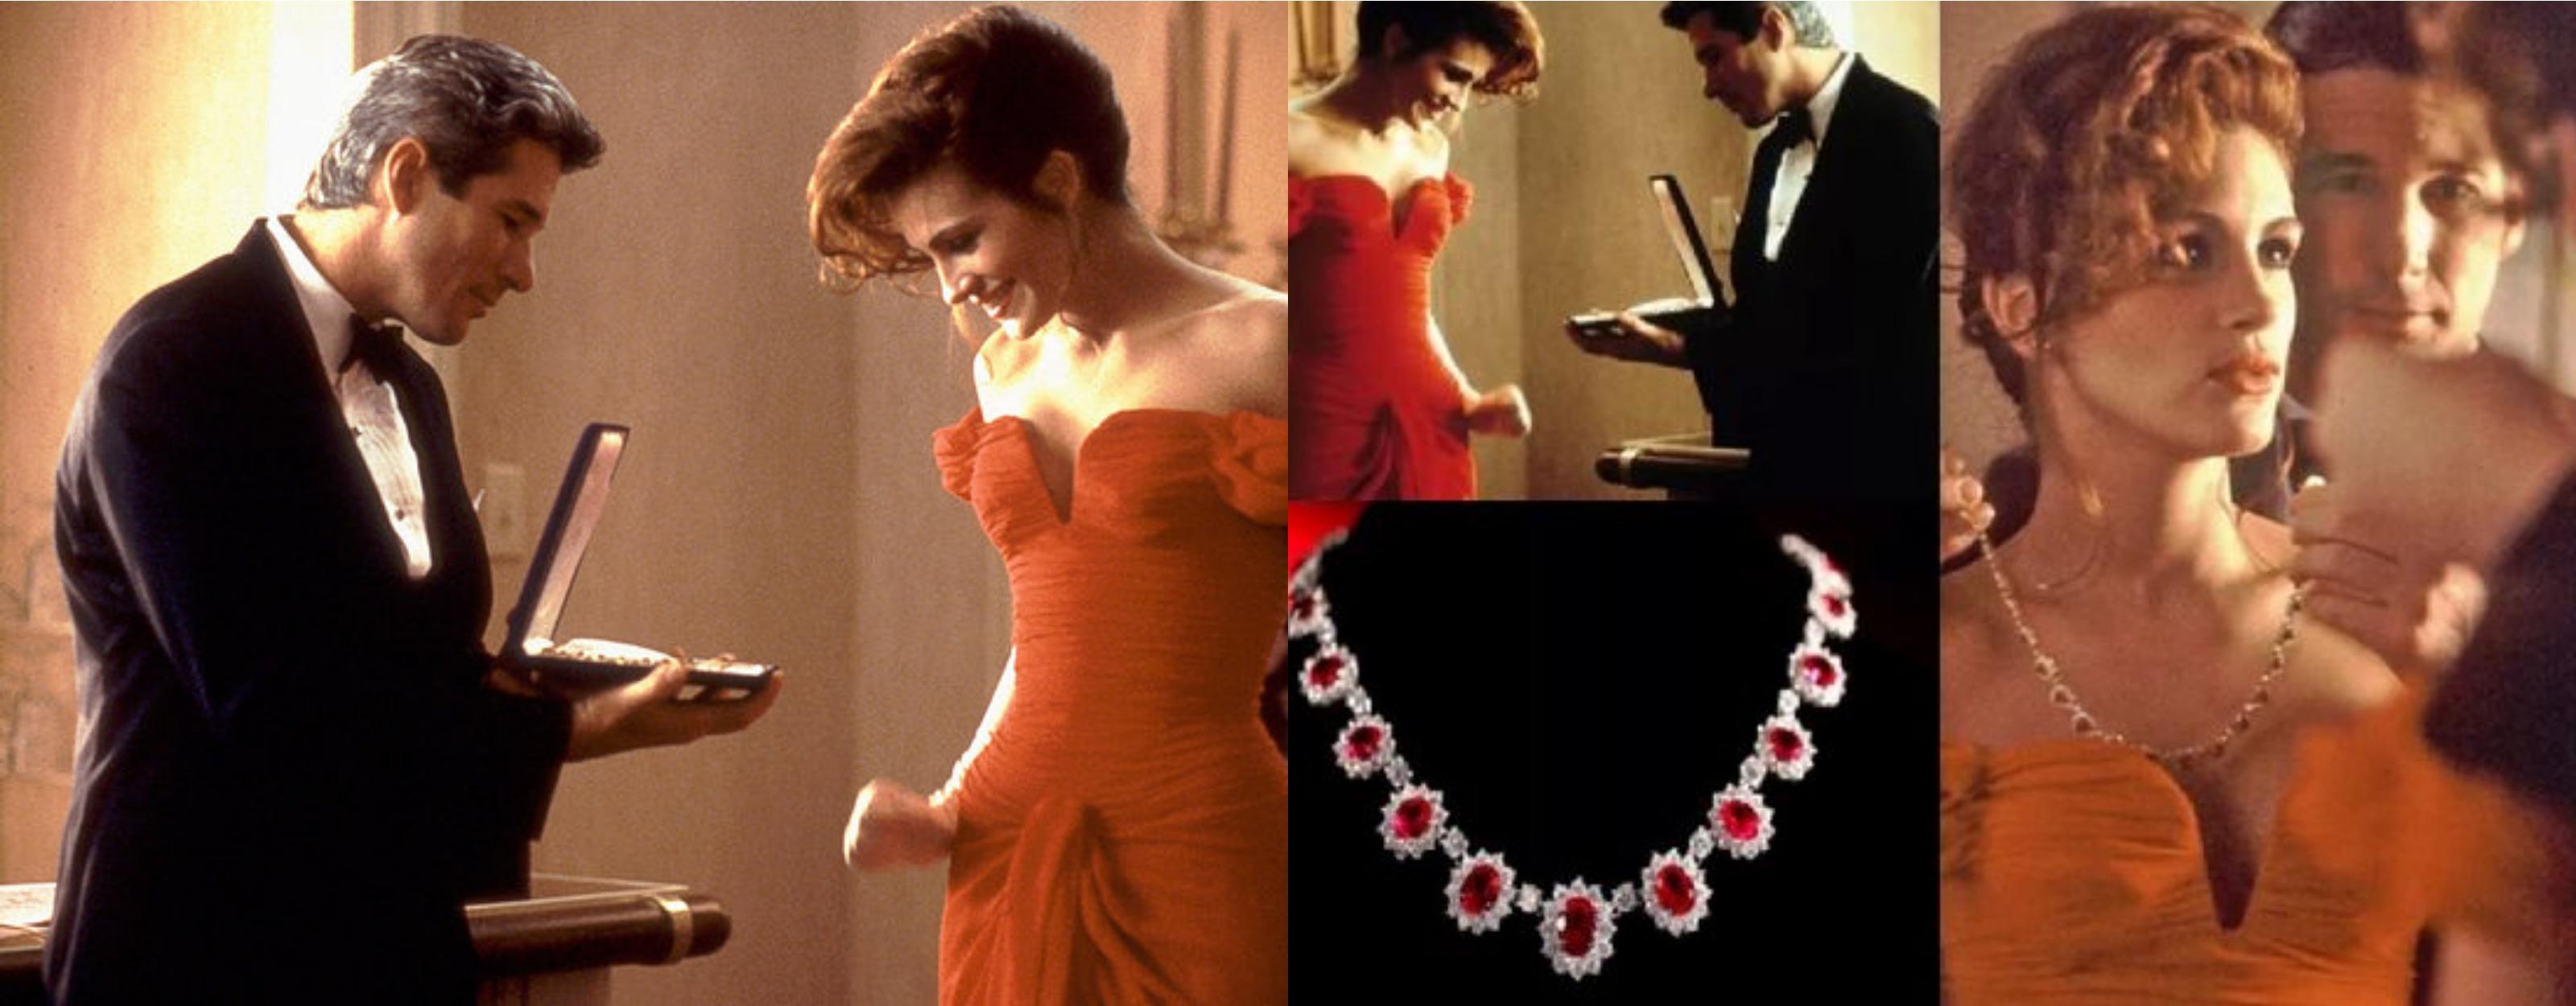 украшения украшения из фильмов Новый год украшения Chanel украшение популярное фильмы